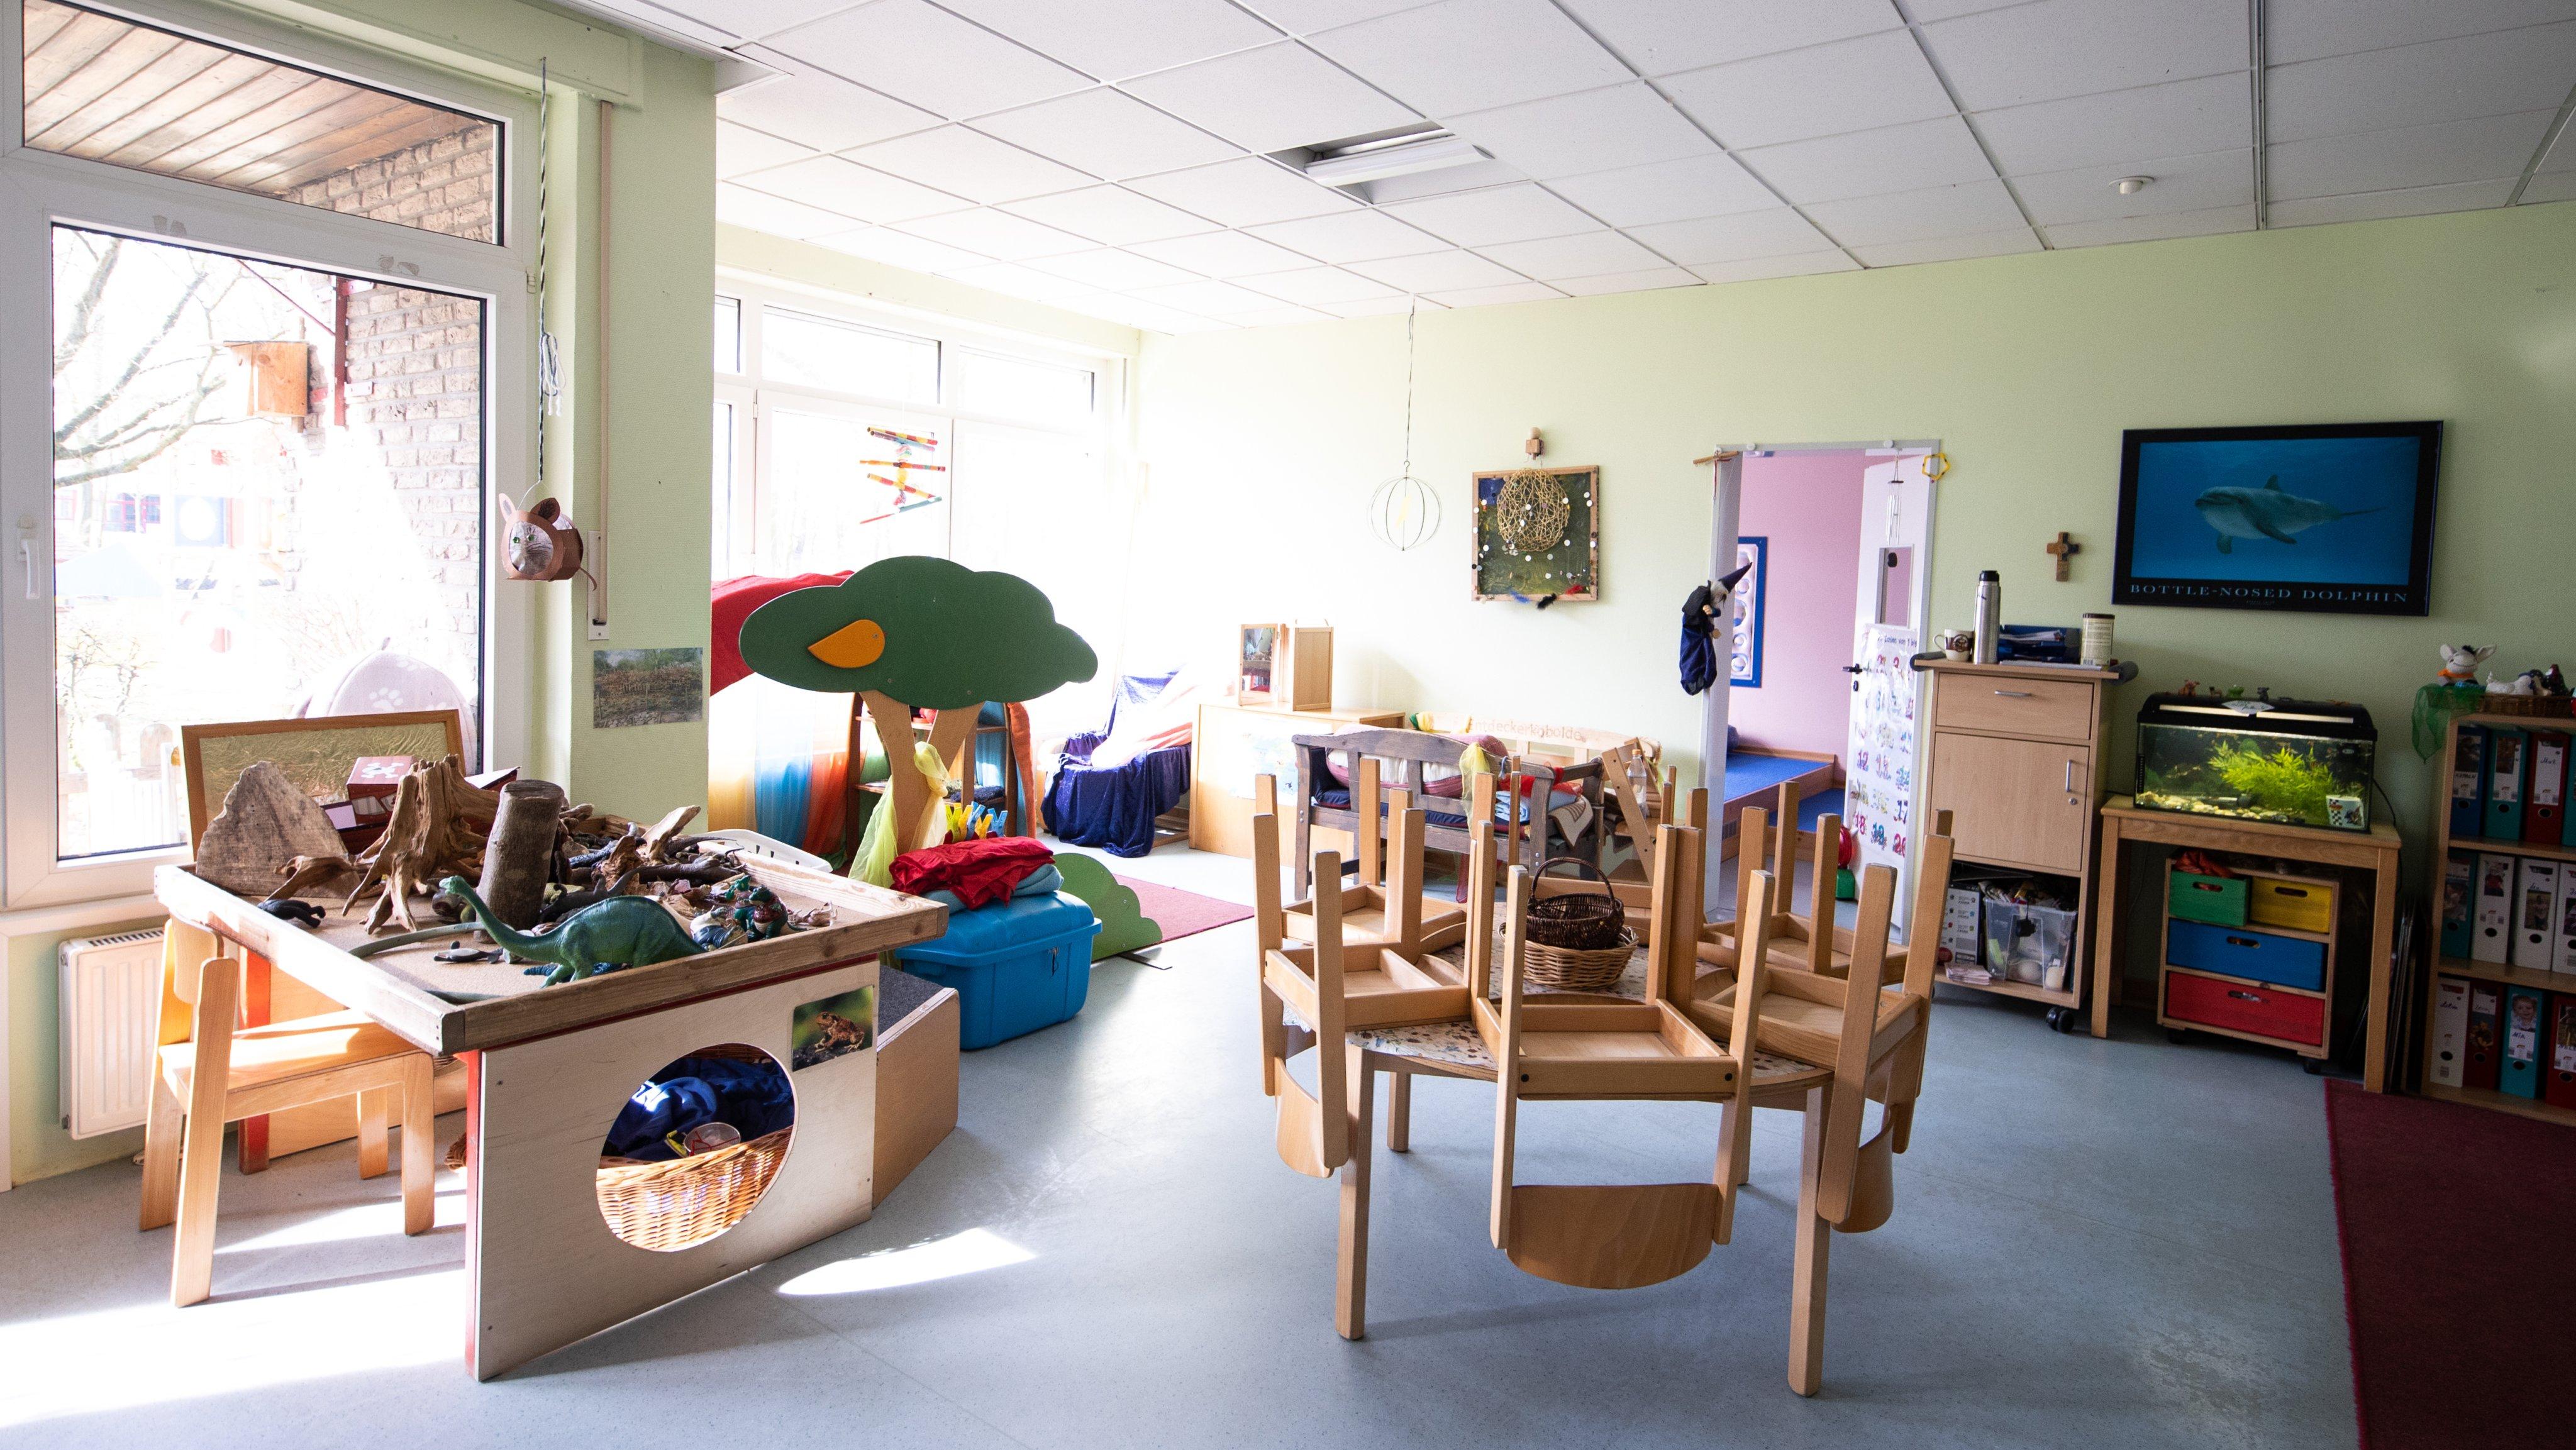 Schools Begin Closing Across Germany As Measures To Stem Coronavirus Spread